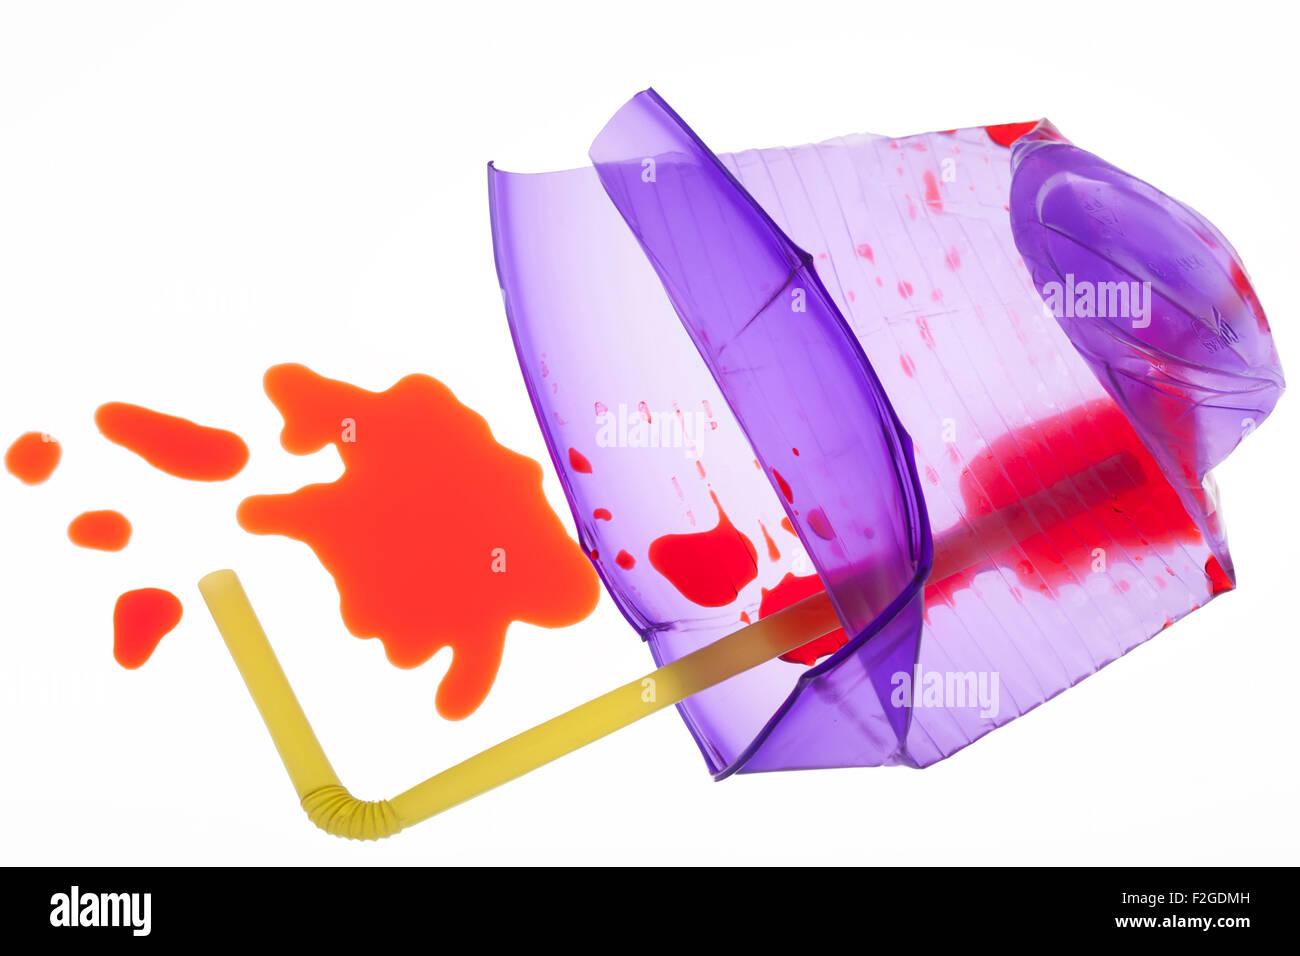 Rompieron con la copa púrpura translúcida de color amarillo paja con líquido rojo derramándose Imagen De Stock